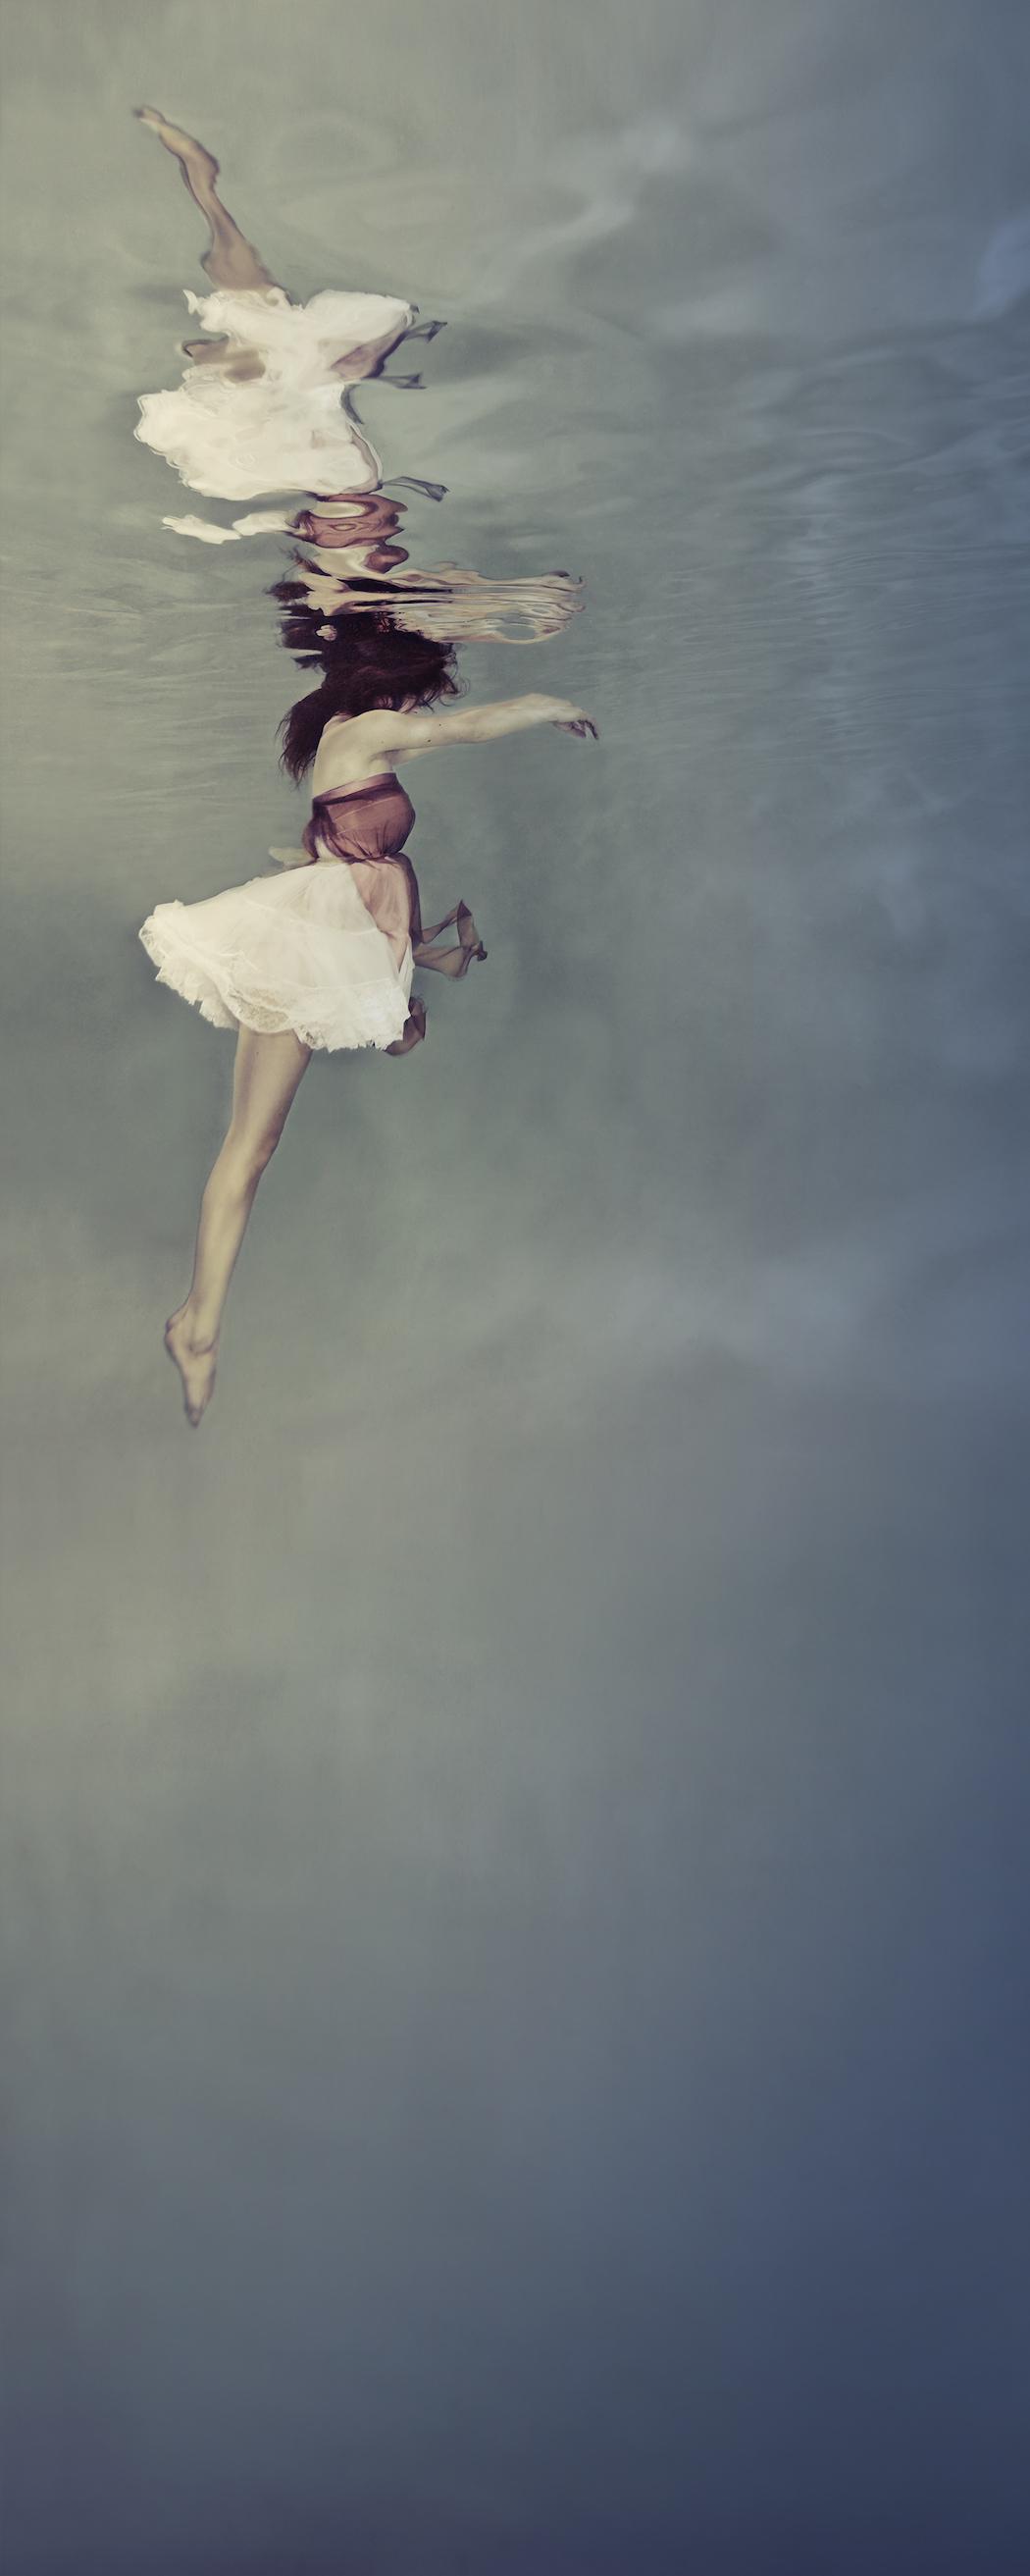 MalloryMorrison_photography-Equlibrium